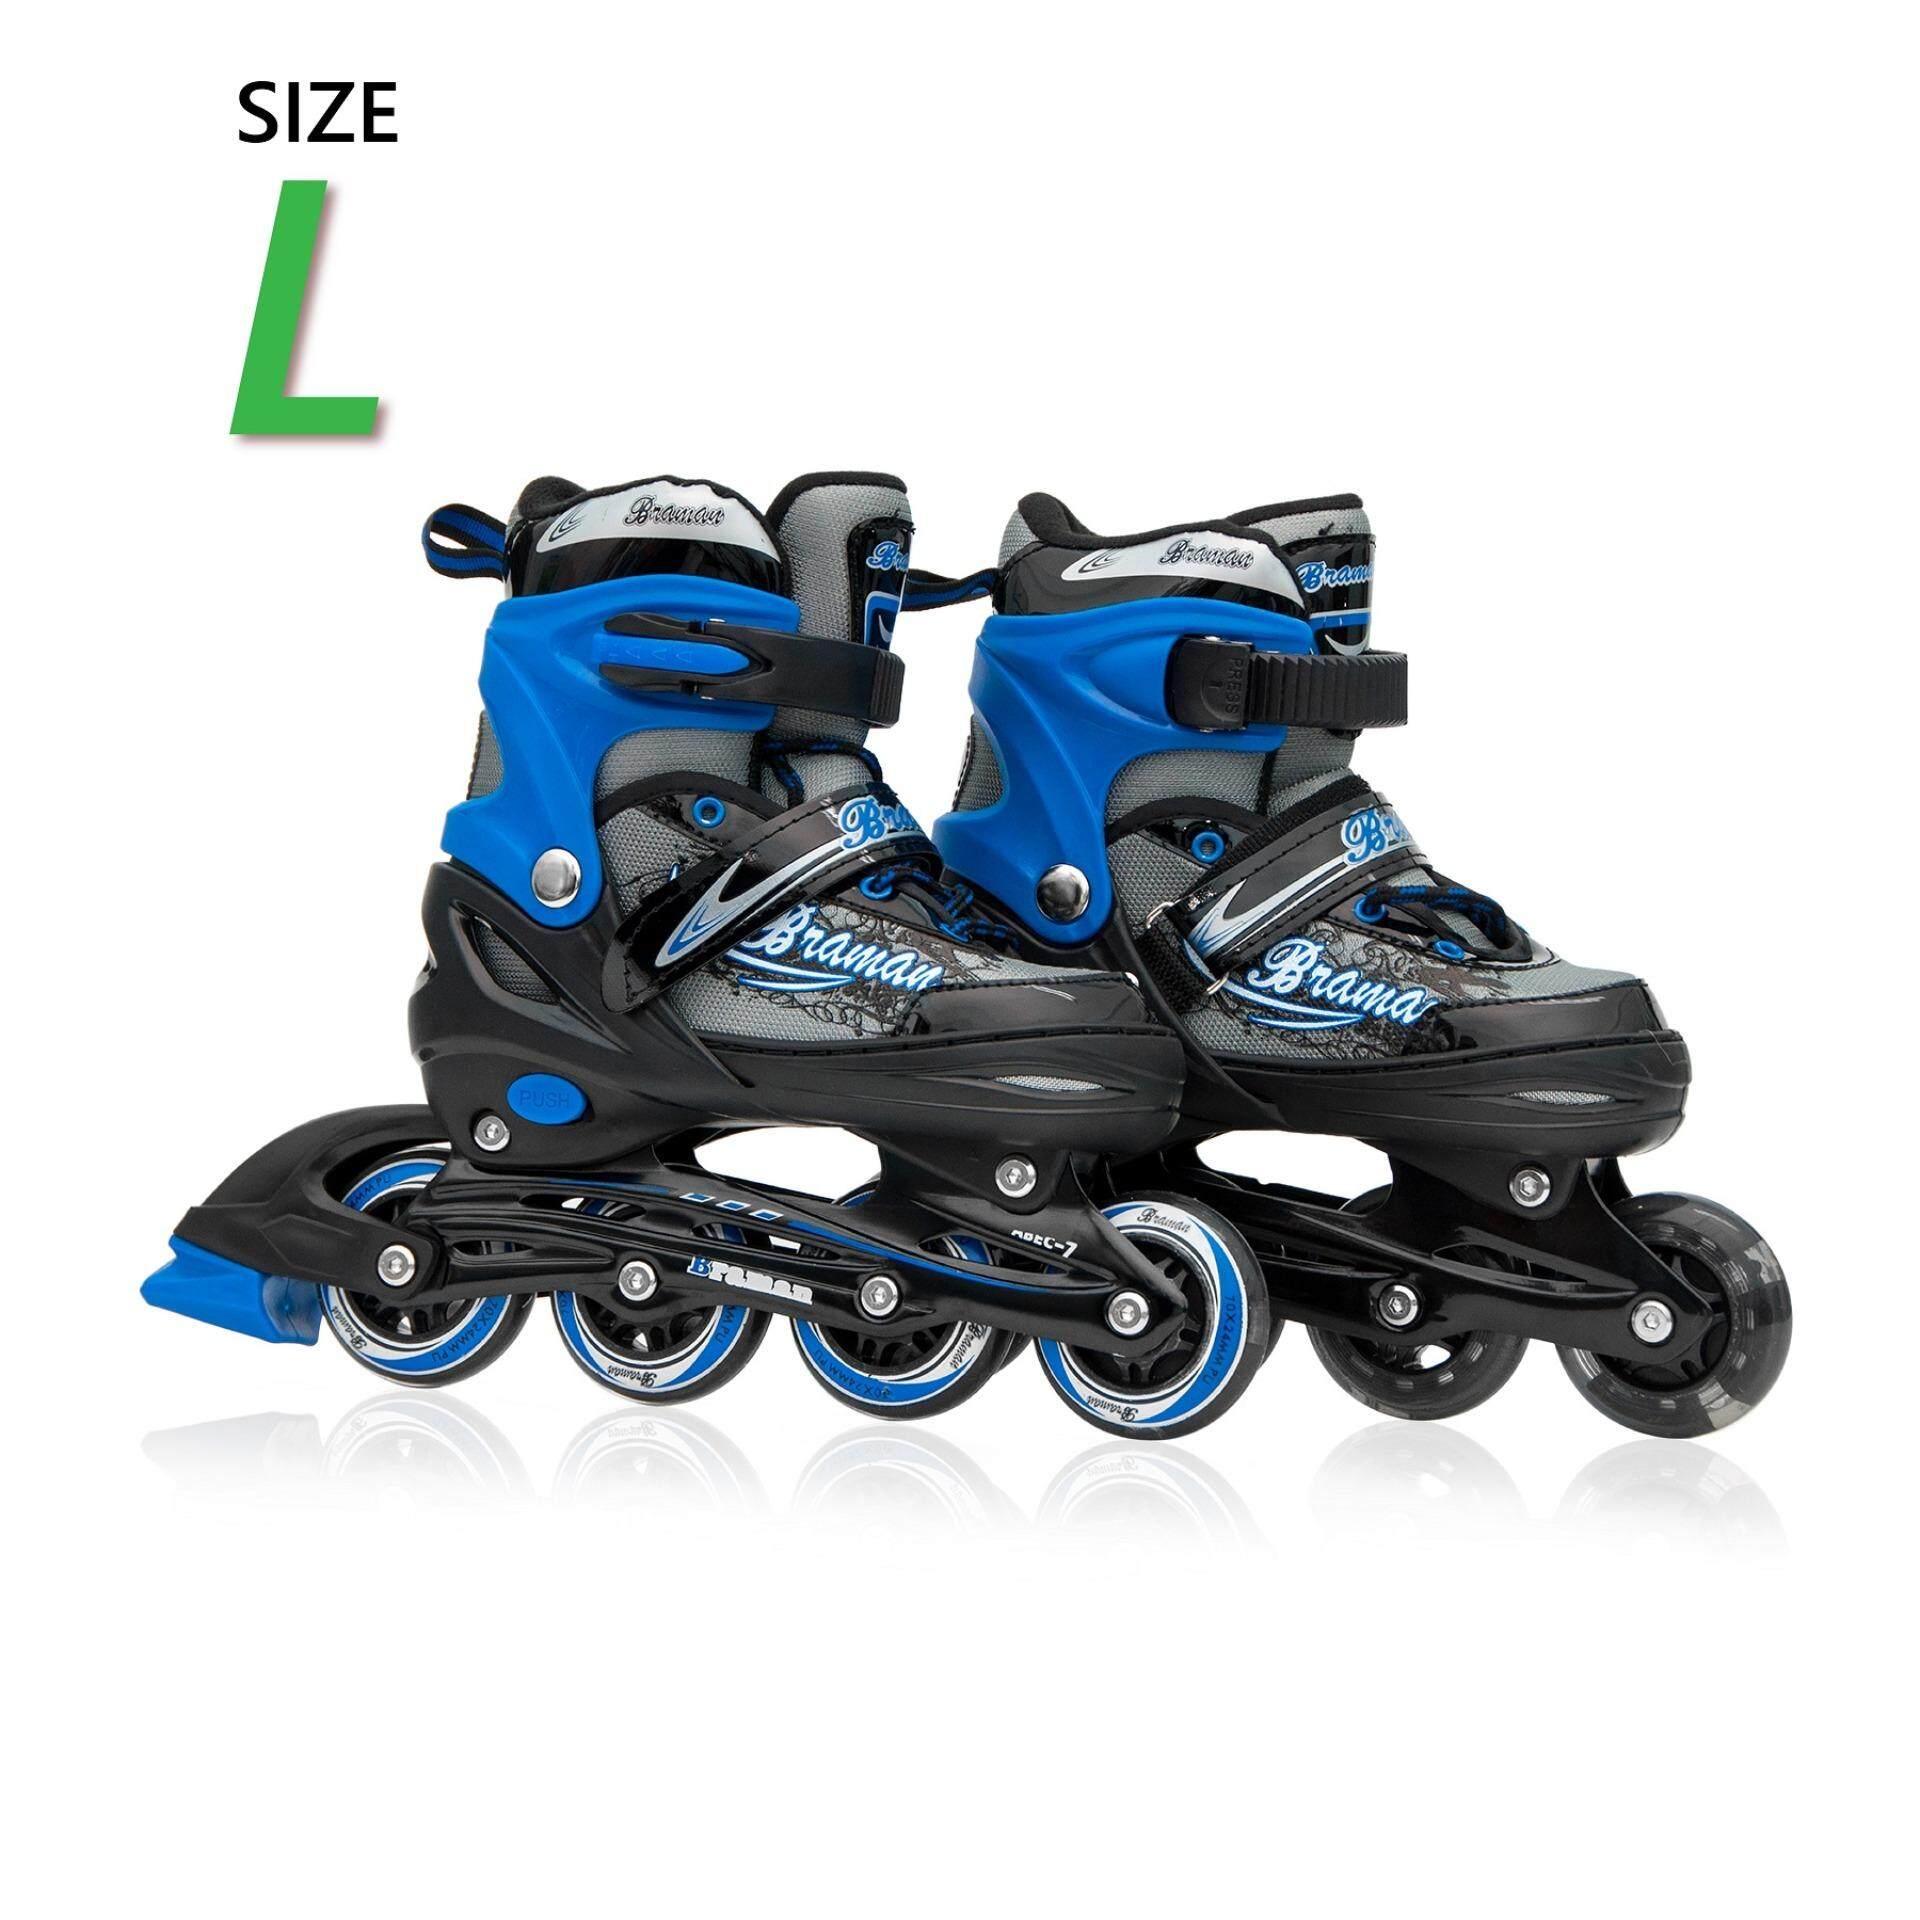 โปรโมชั่น รองเท้าอินไลน์สเก็ต Premium Inline Skate Braman Aluminium Tracks Abec 7 Wheels With Lights 0415B Warranty 1 Year เบอร์ 33 36 Black L